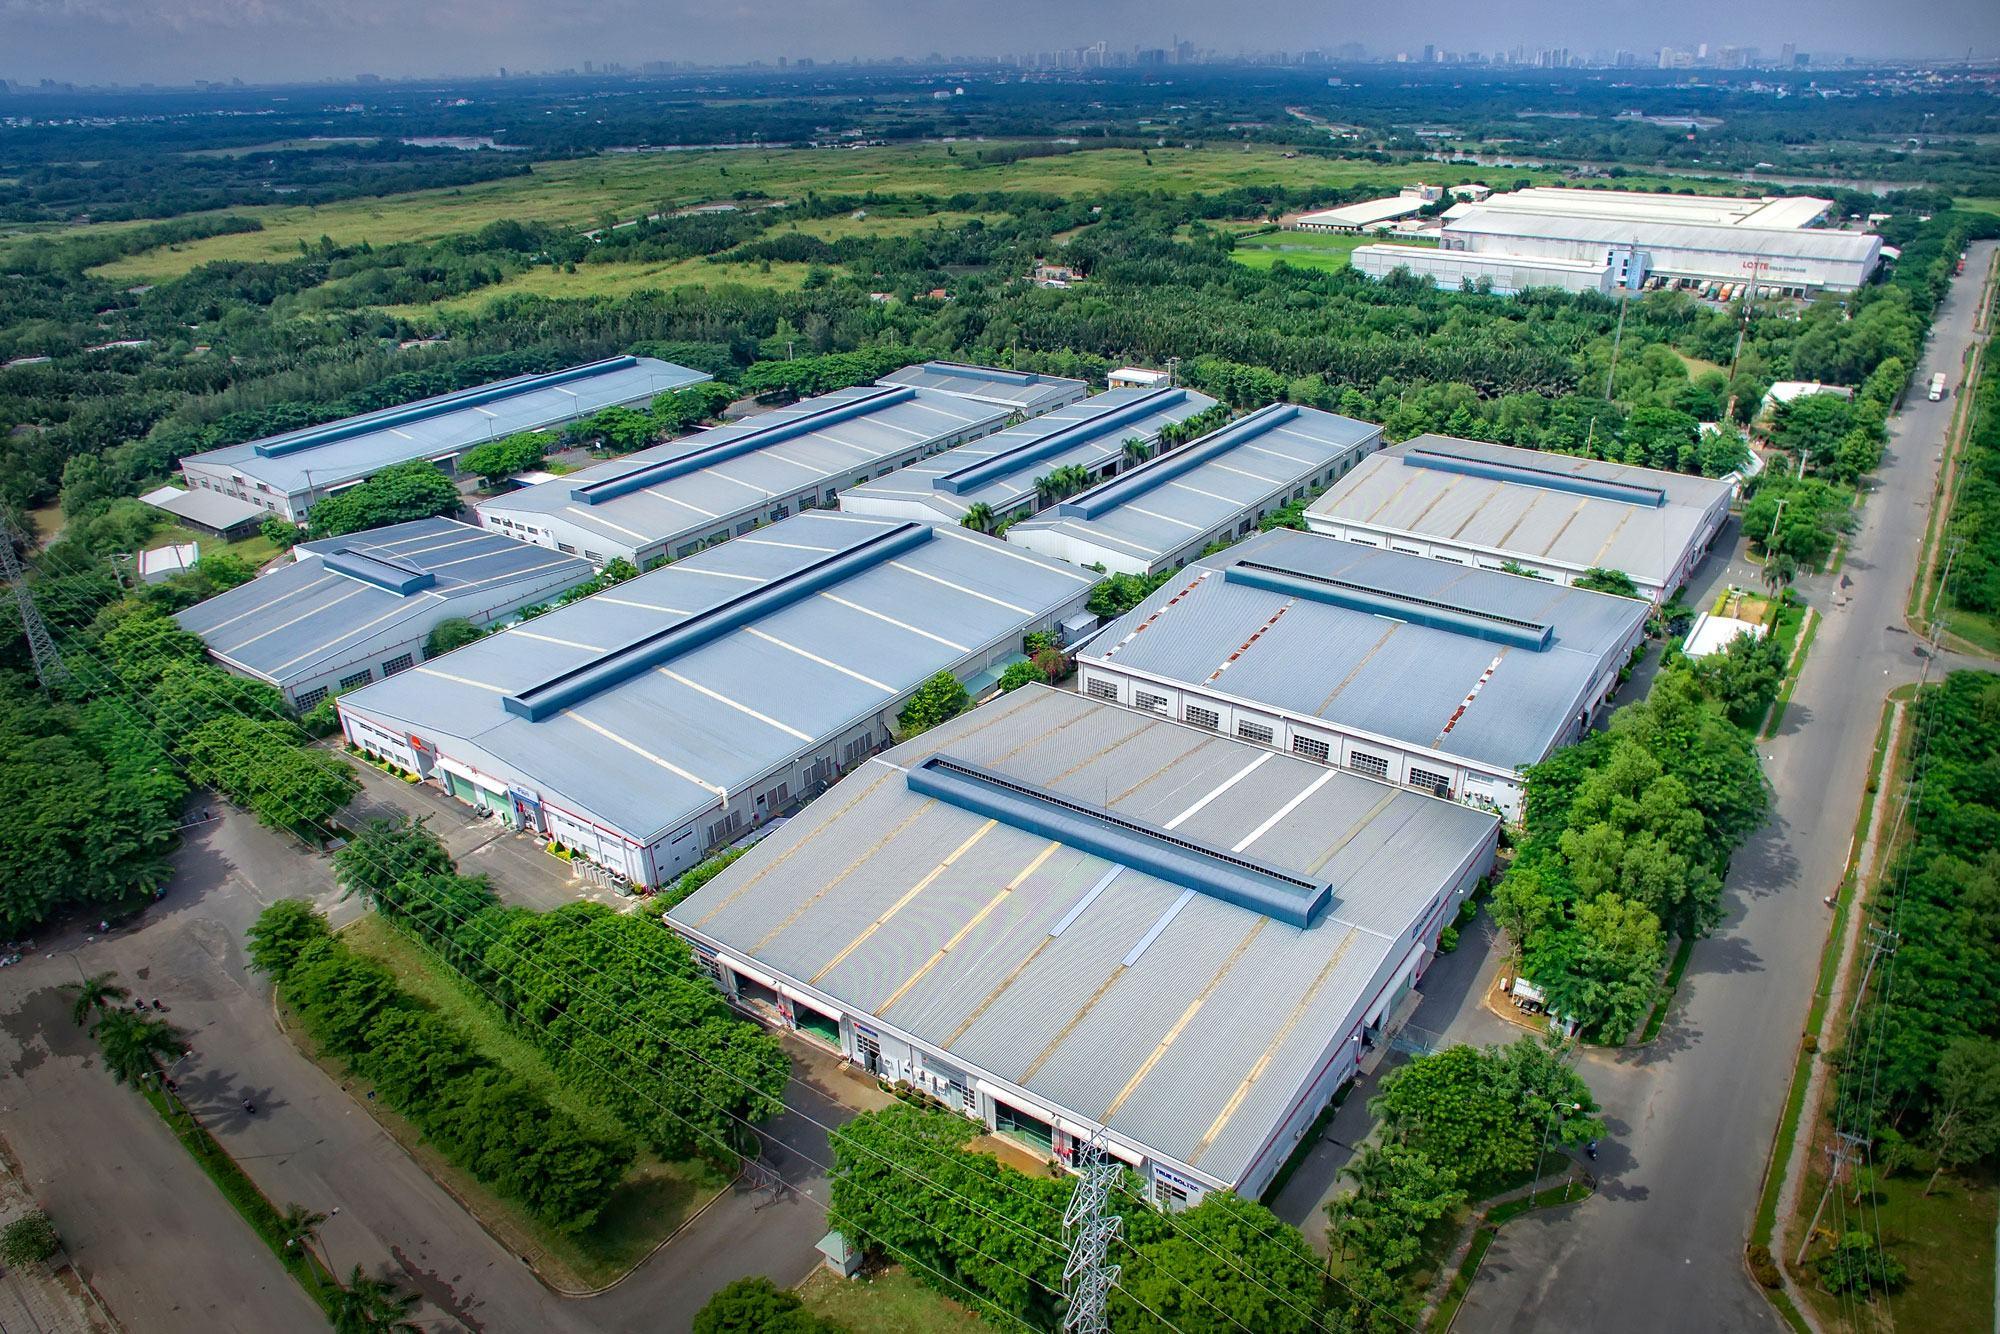 Danh sách các khu công nghiệp Long An mới nhất   Tập Đoàn Trần Anh Group